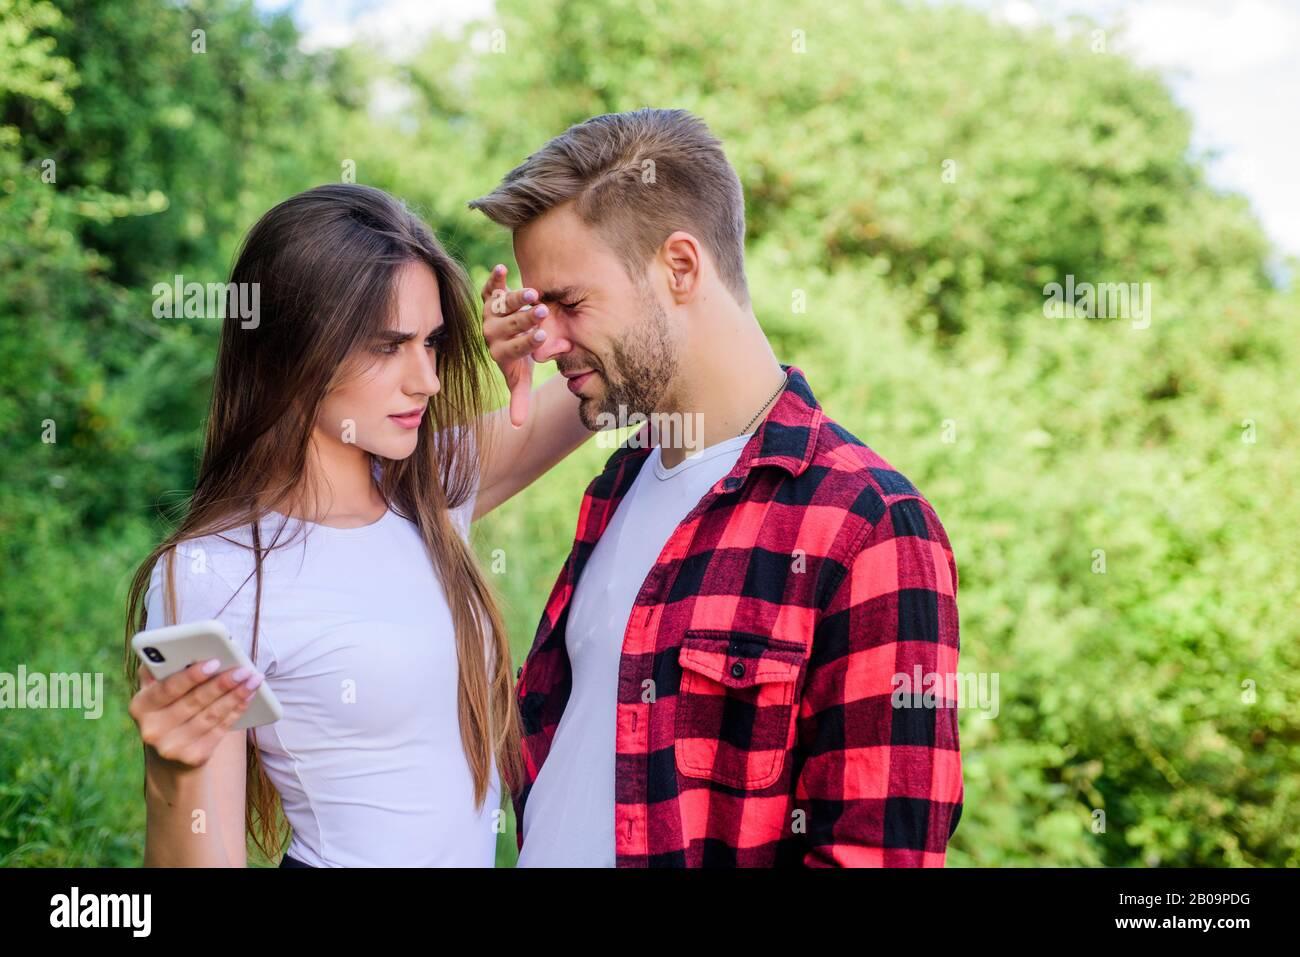 Paar lässt zuschauen